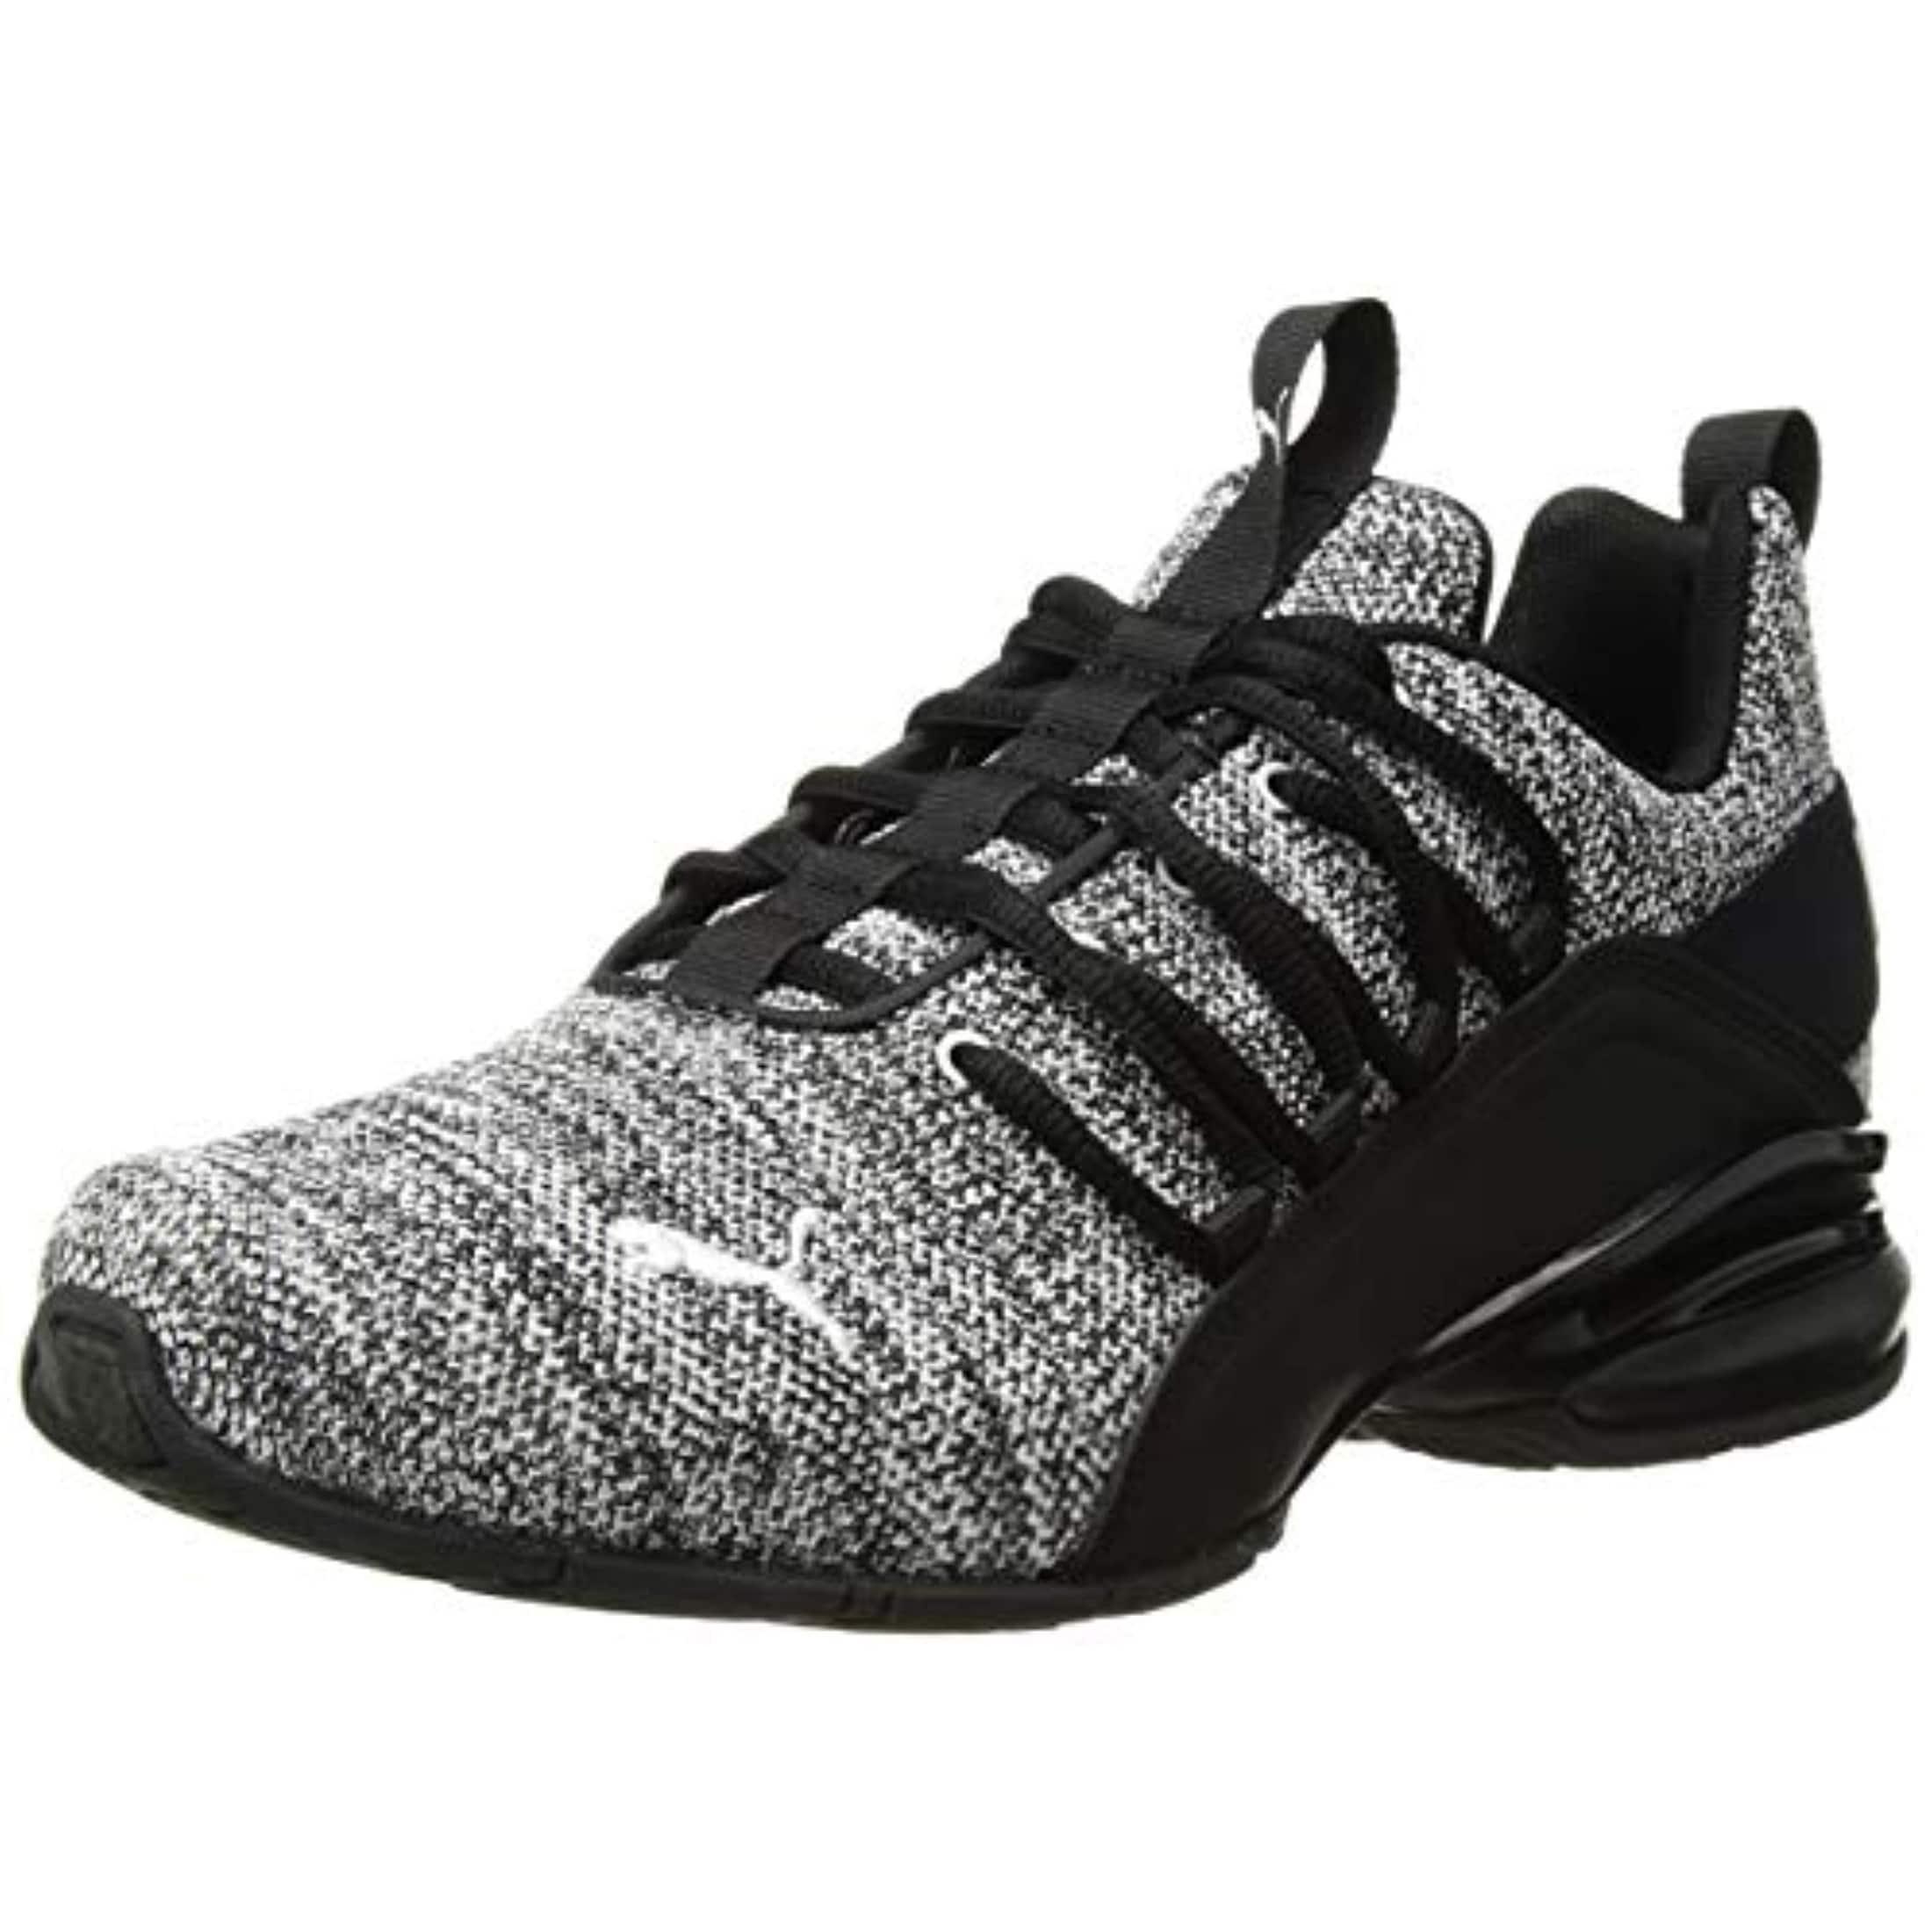 bb8fd9e5d14 Size 13 Puma Men s Shoes